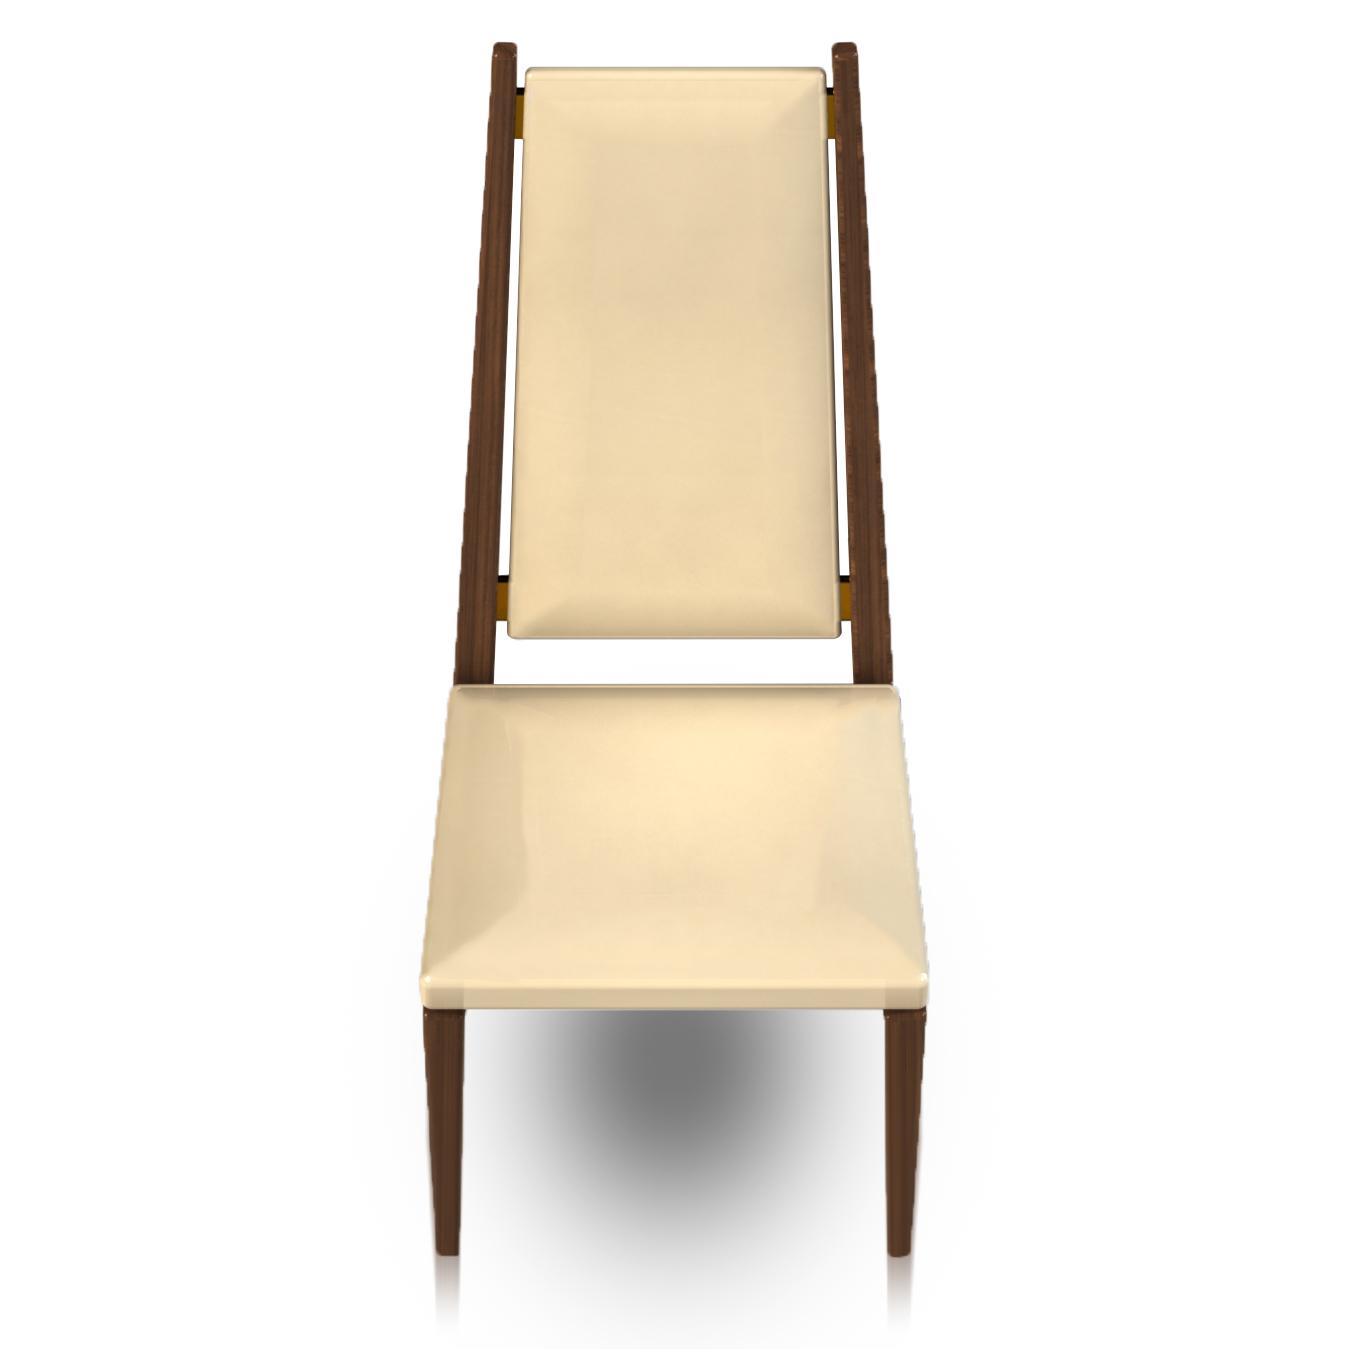 Mass_Chair_7.jpg